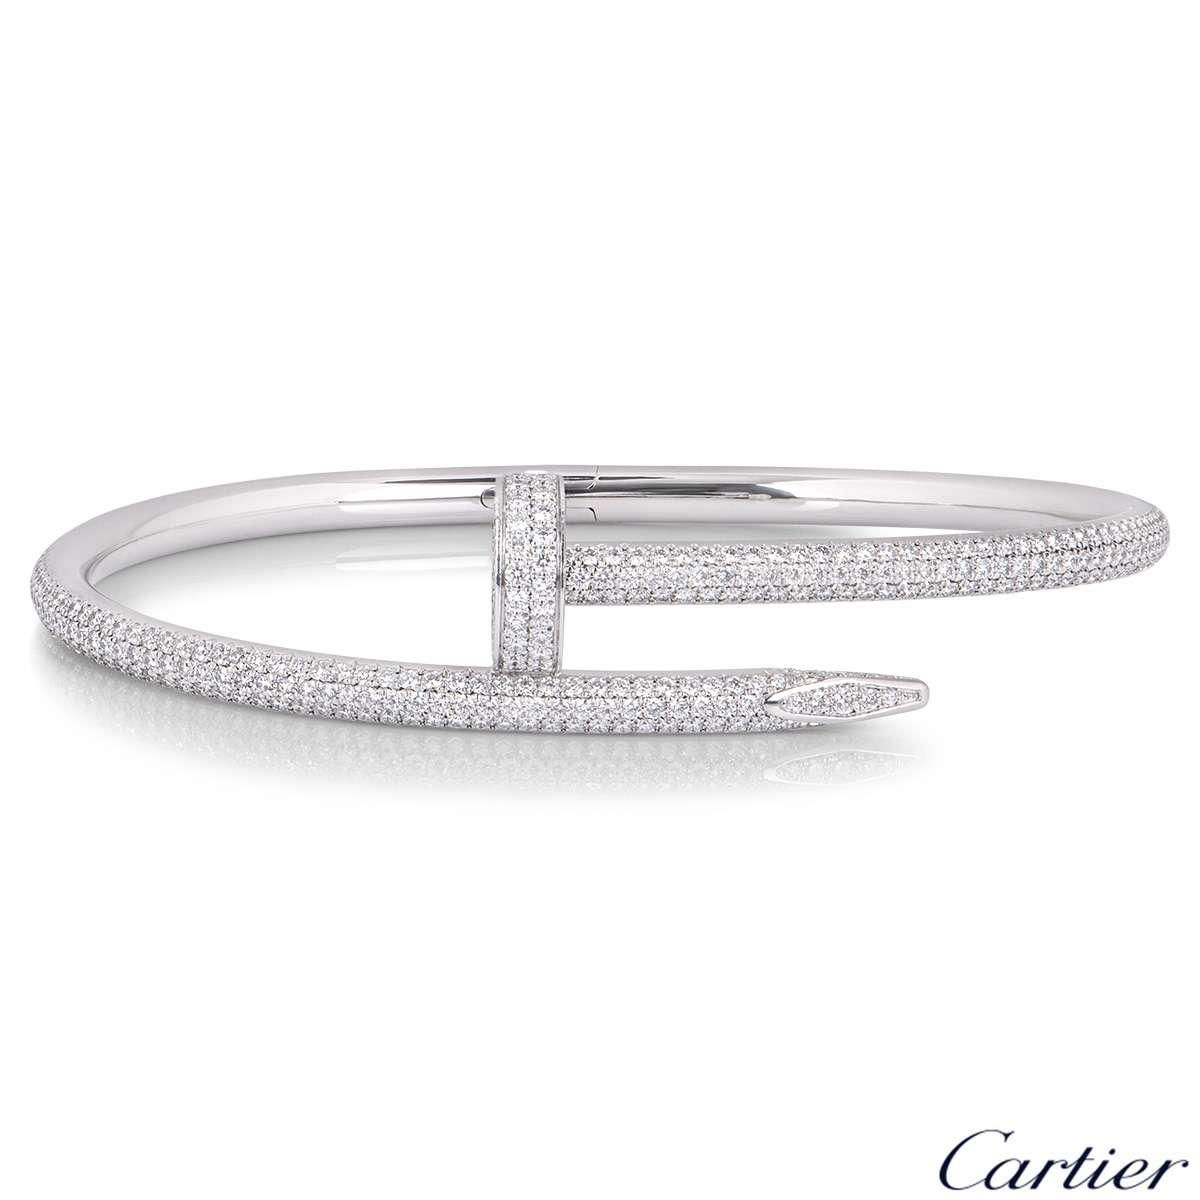 Cartier White Gold Diamond Juste Un Clou Bracelet Size 17 N6707317